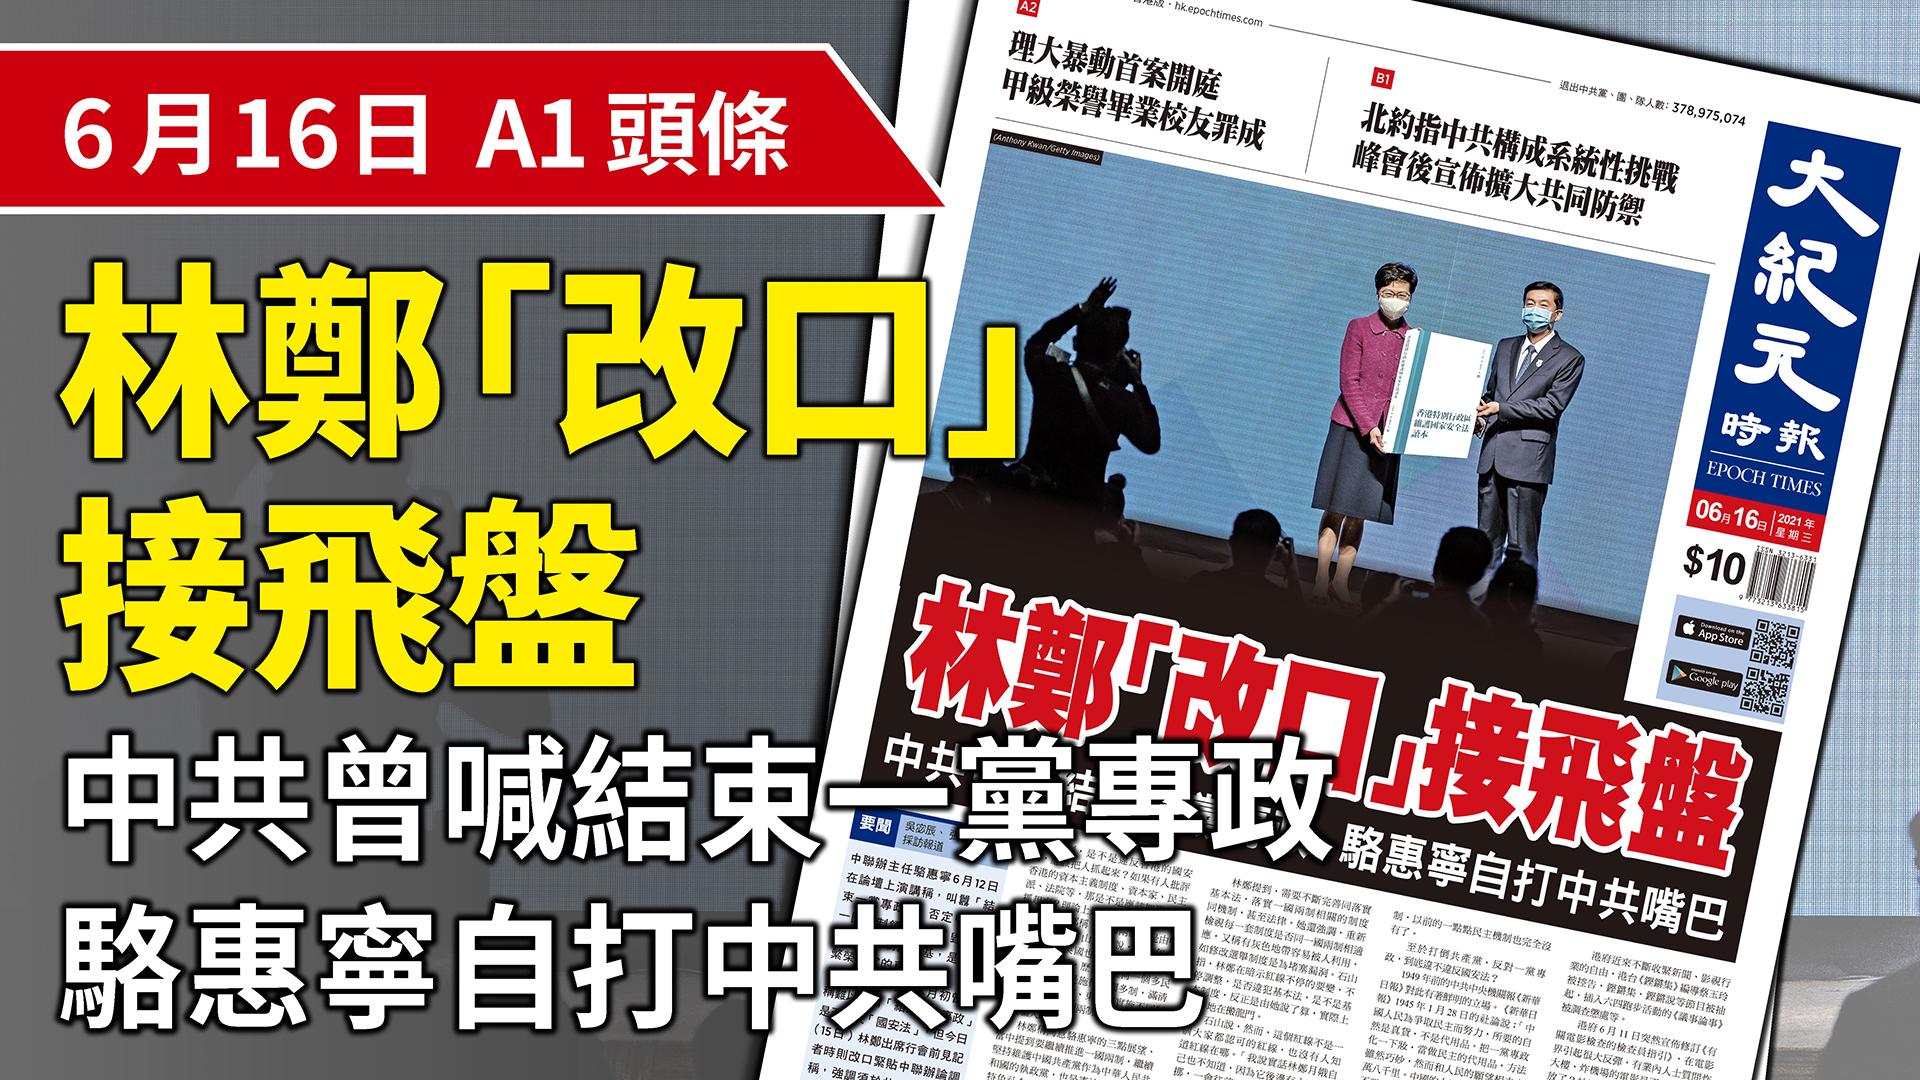 香港特首林鄭月娥本月初曾聲稱難以評論「結束一黨專政」是否違反「國安法」,但今日(15日)林鄭出席行會前見記者時則改口緊貼中聯辦論調稱,強調須於共產黨統治下落實一國兩制。(大紀元製圖)